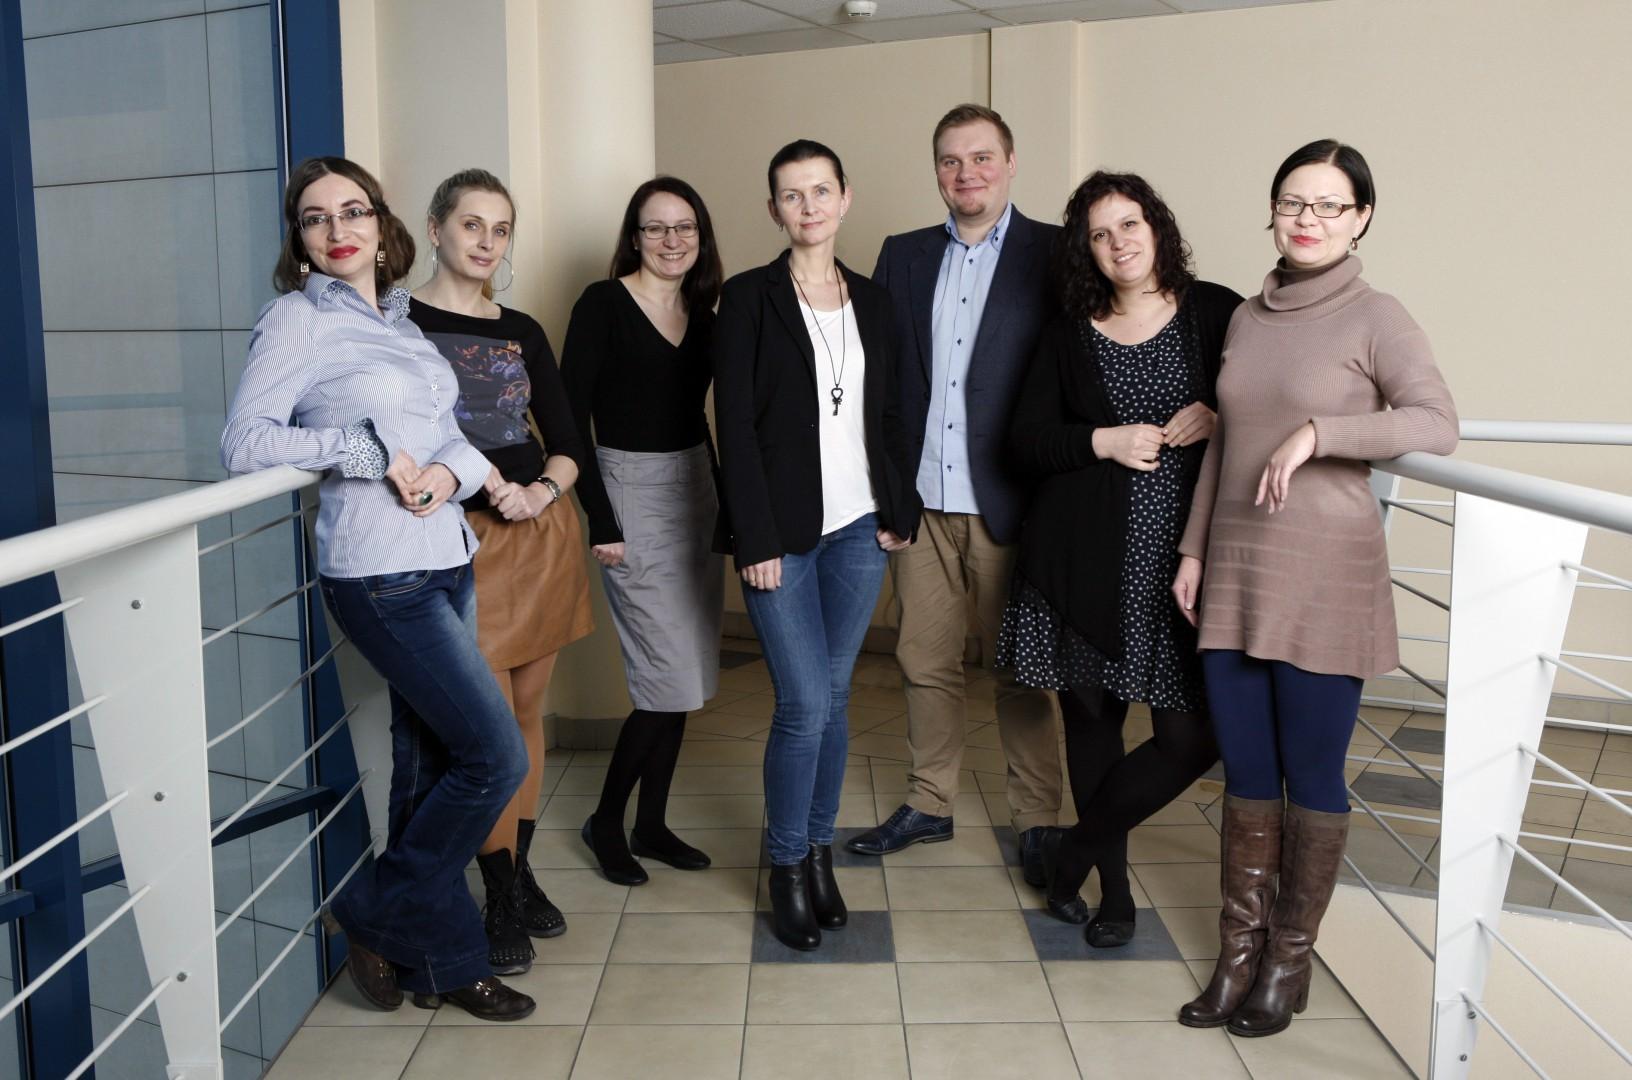 Redakcja meble.com.pl - w pełnym składzie. Fot. Bartosz Jarosz